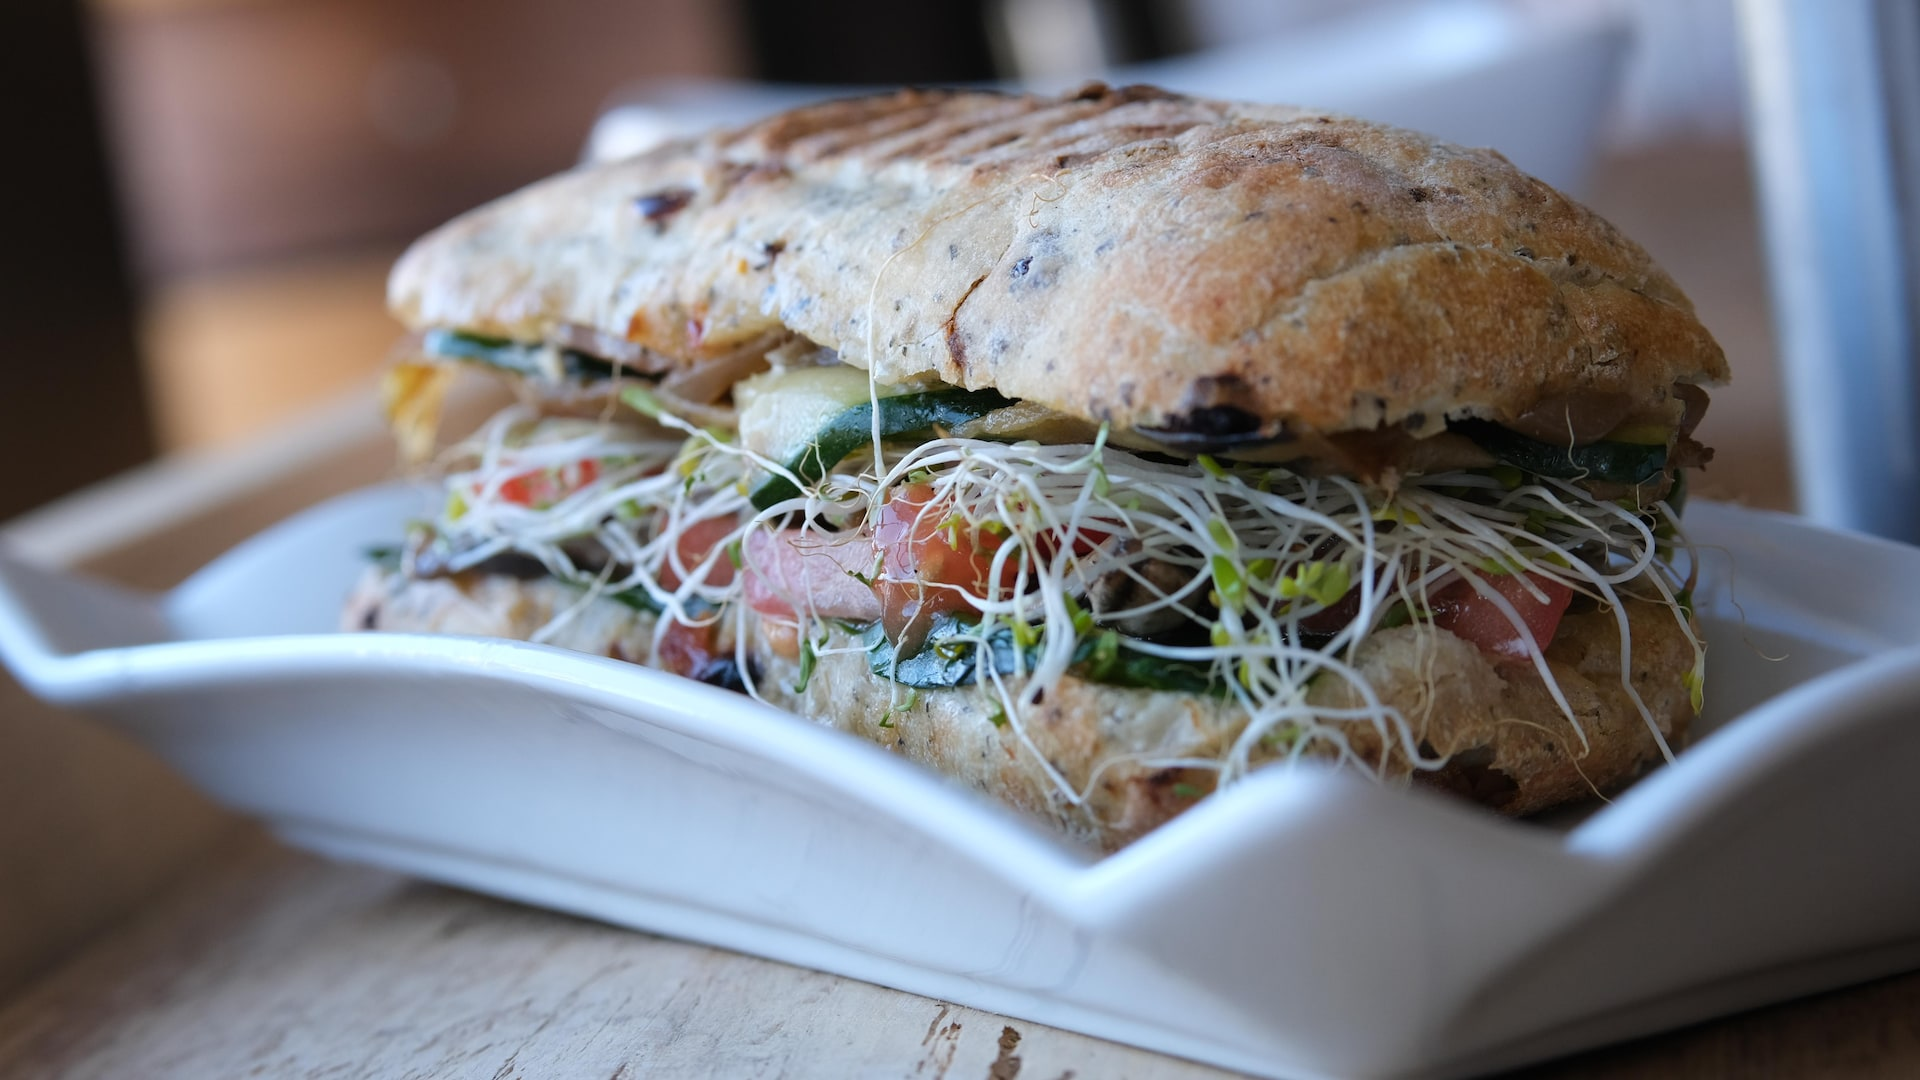 Le sandwich baraqué aux légumes marinés, un coup de cœur fort savoureux.